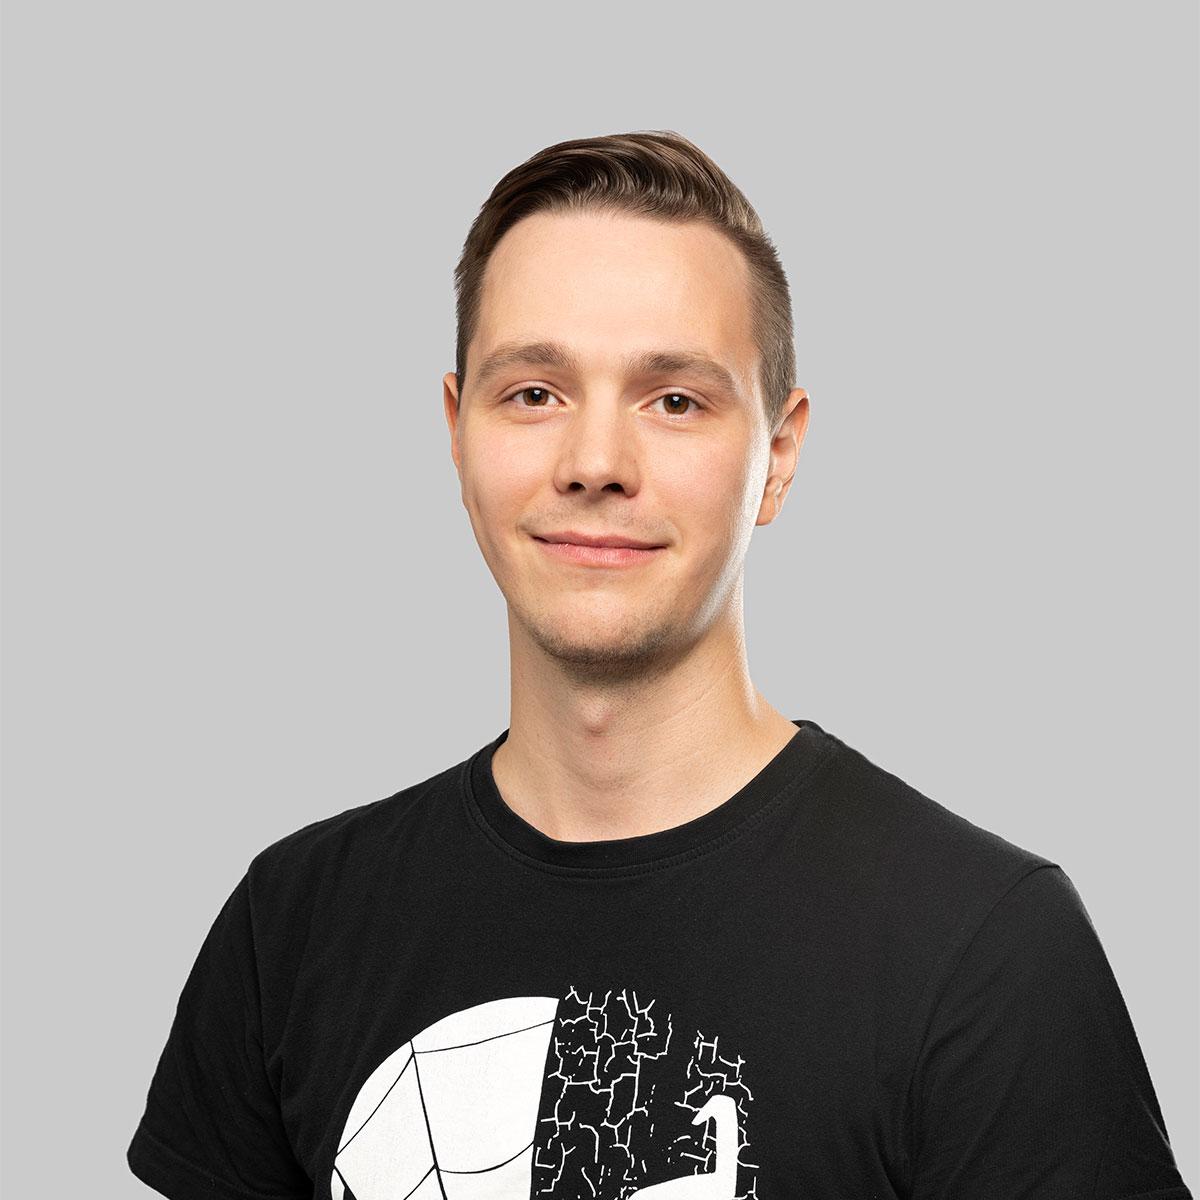 Péter Lippai